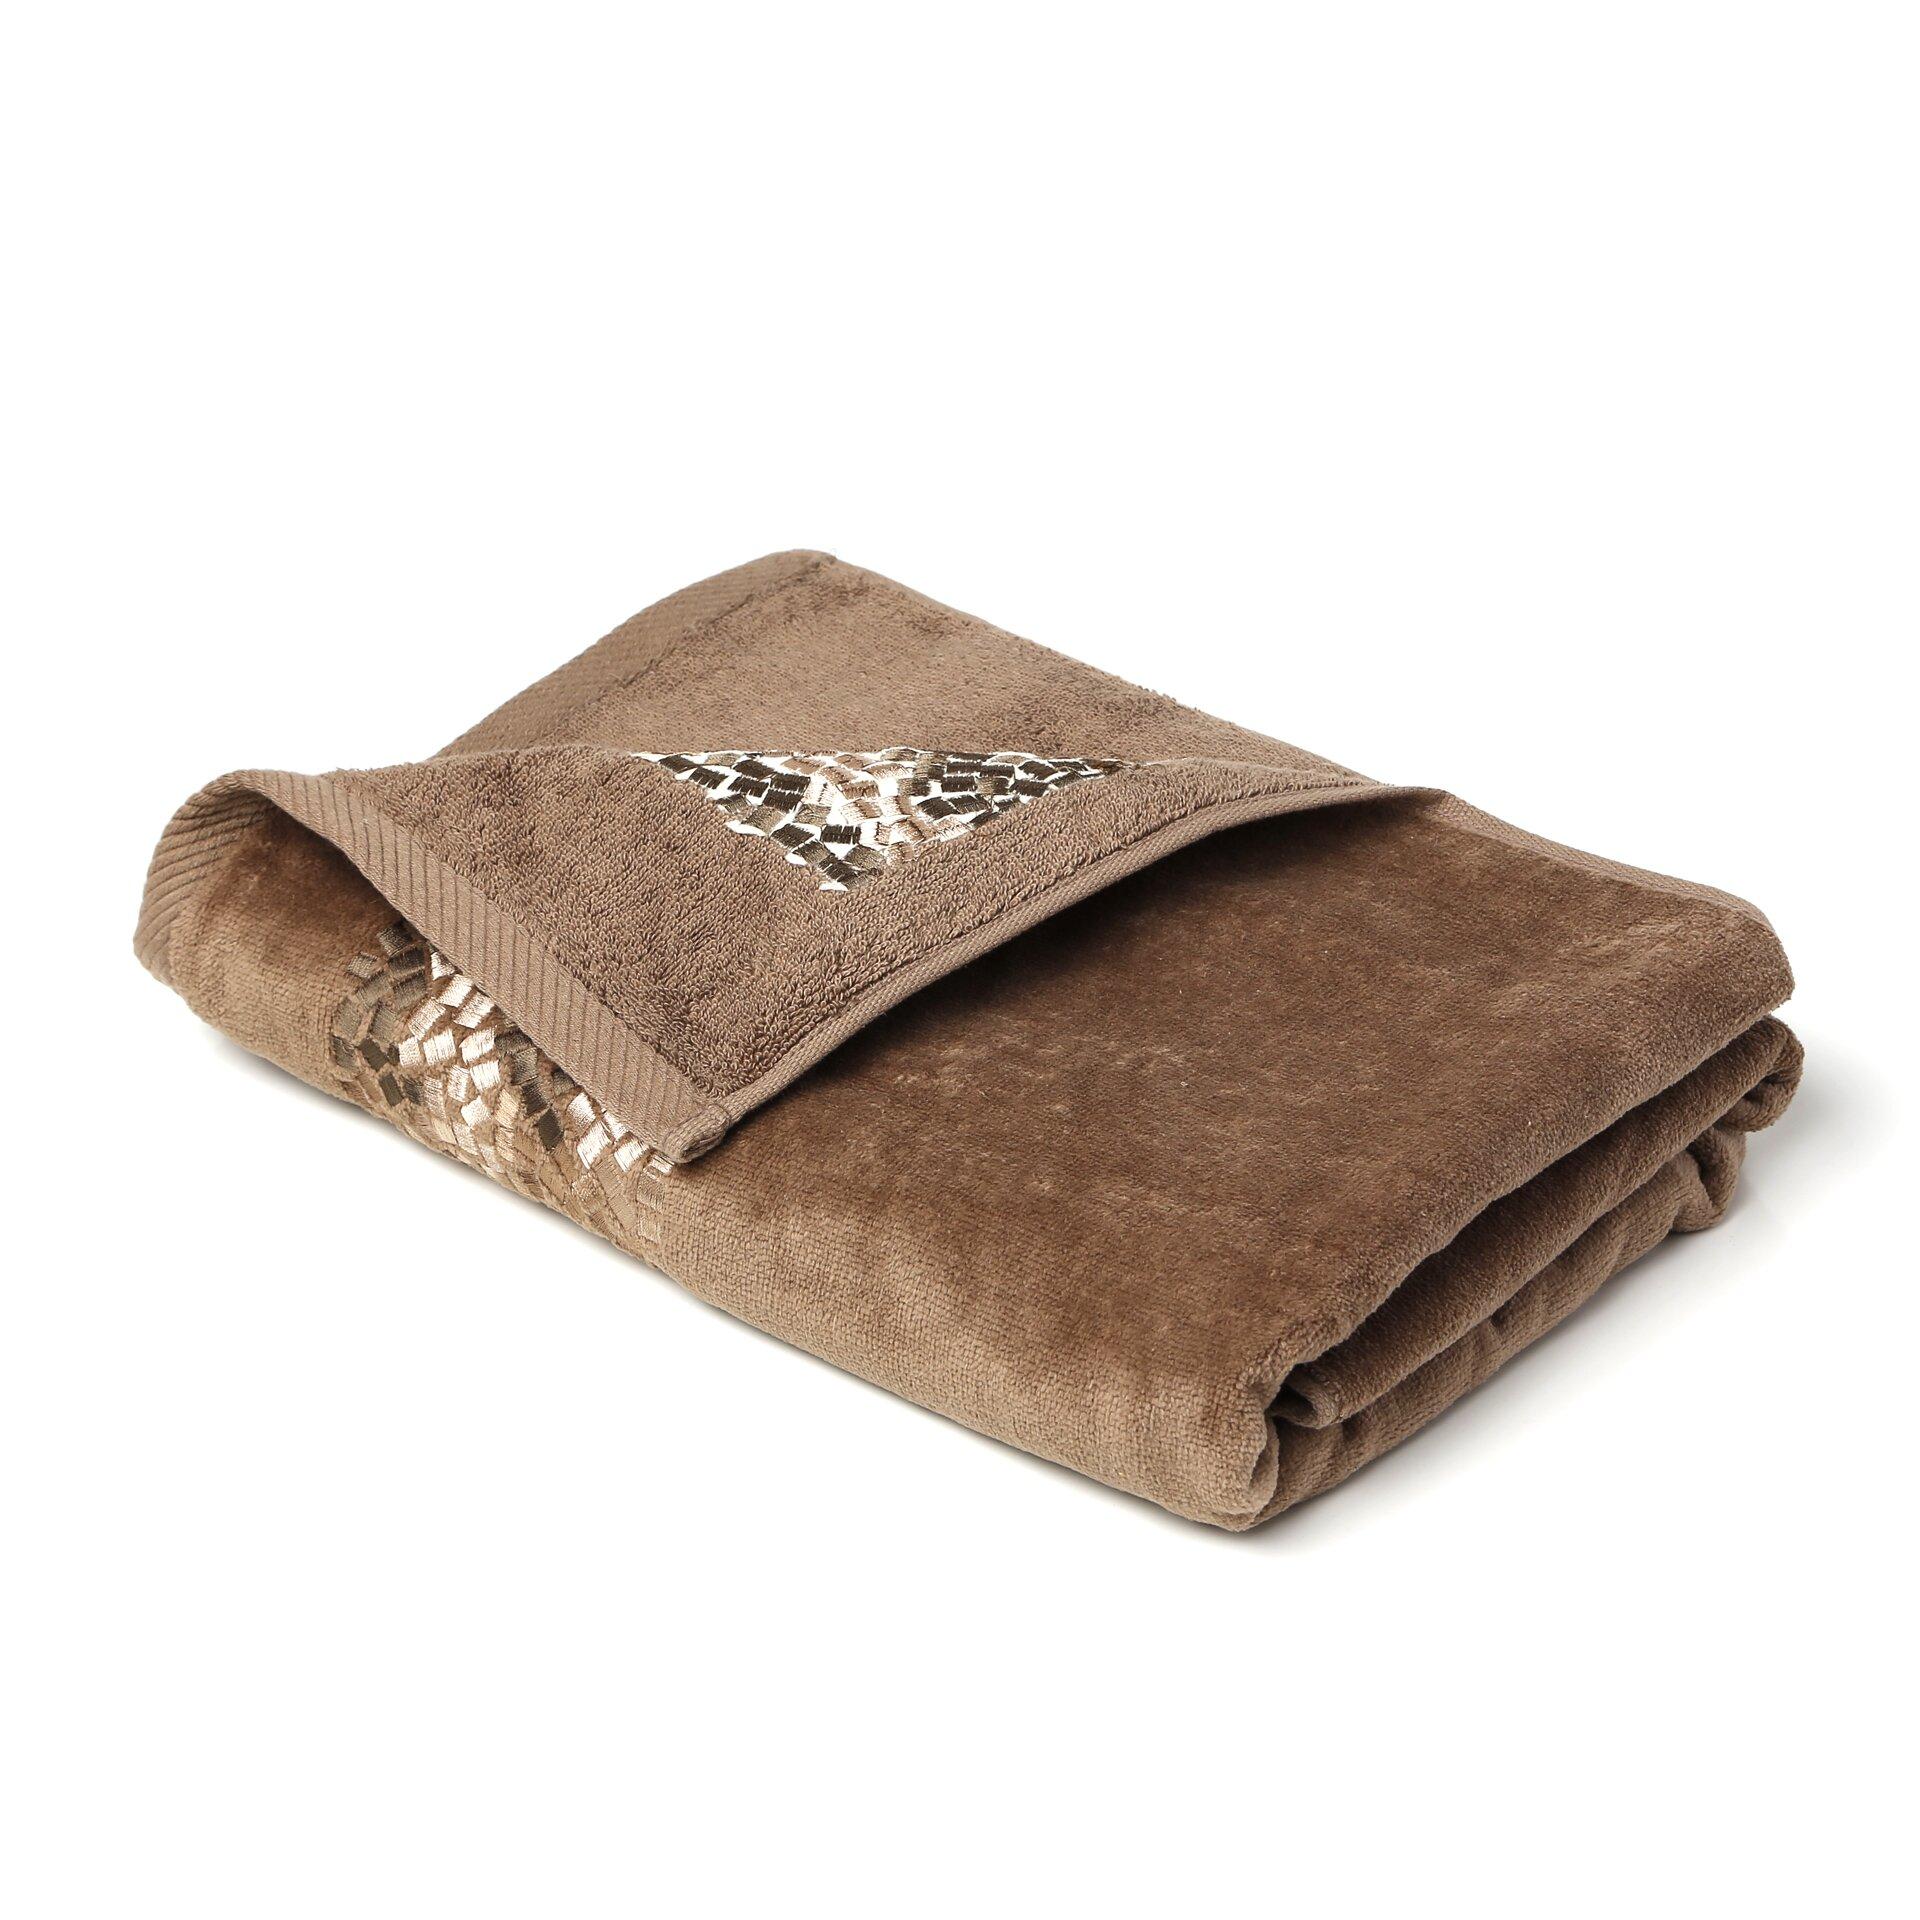 Croscill Kitchen Towels: Croscill Mosaic Bath Towel & Reviews